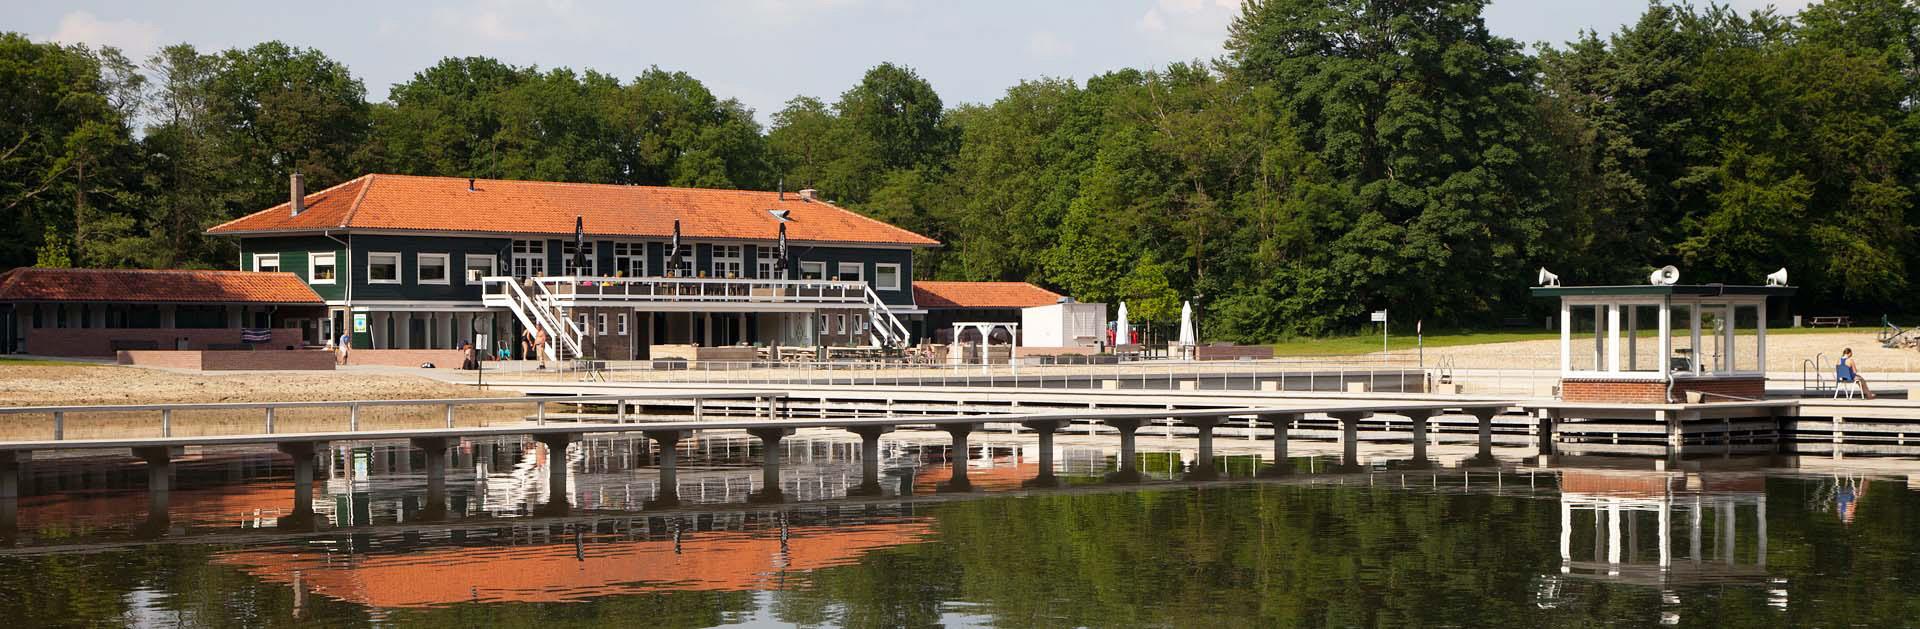 Strandbad - Winterswijk Regio Achterhoek - Liemers